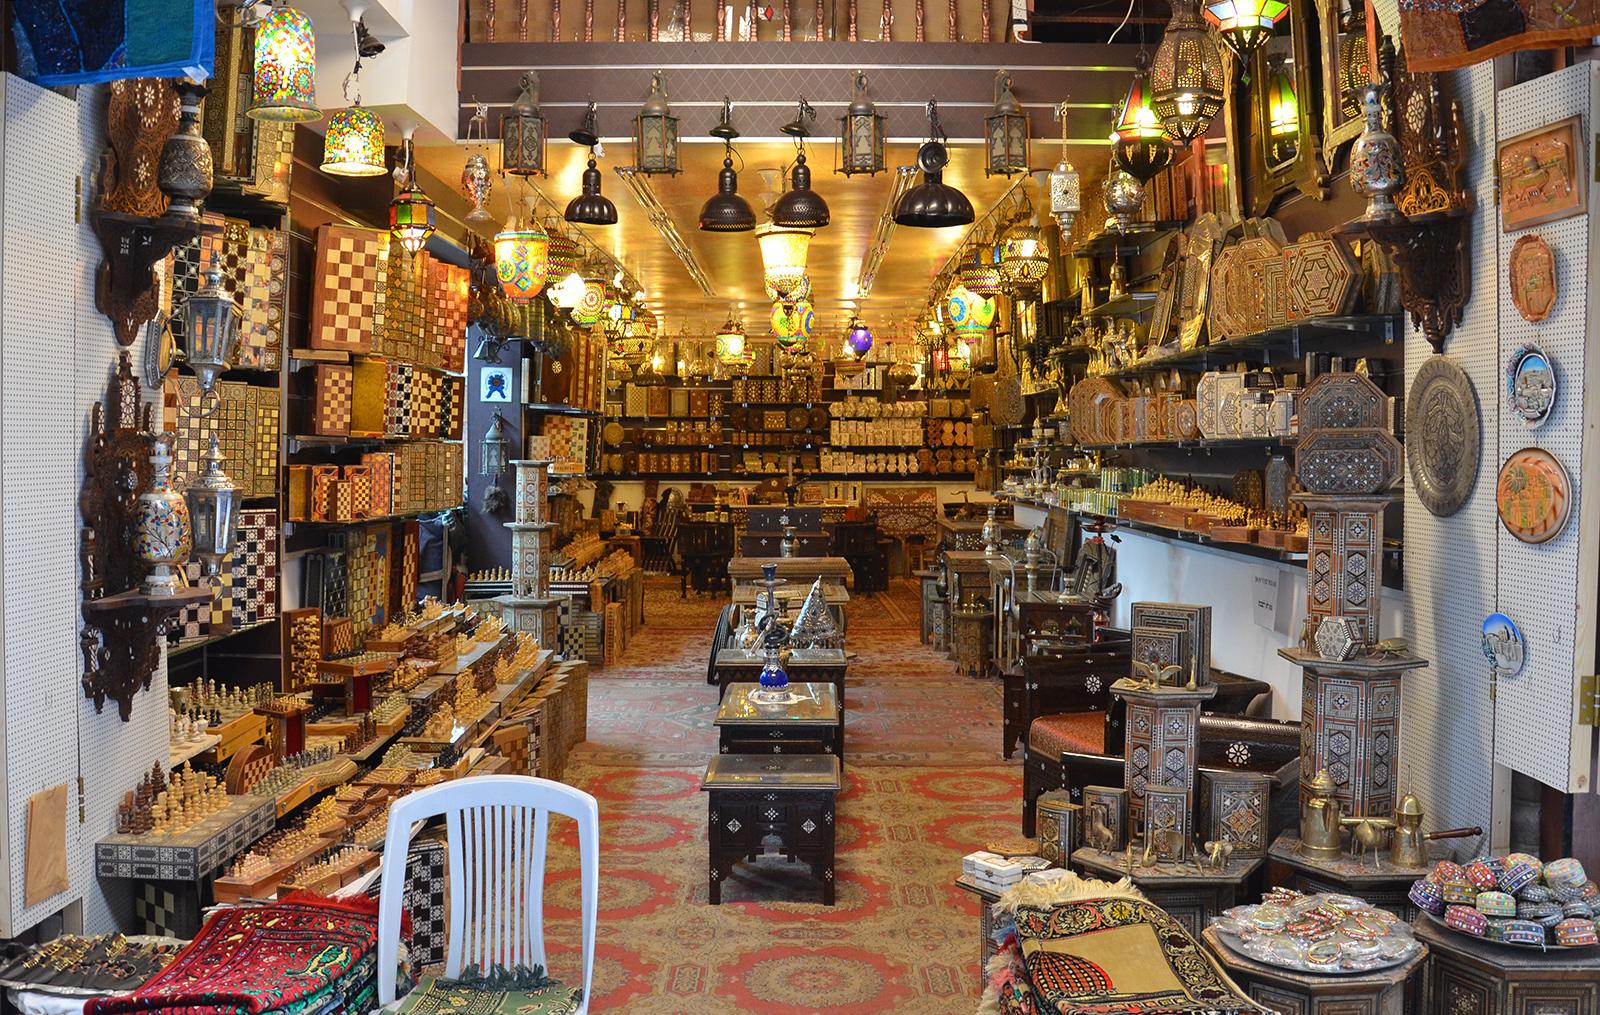 obchod ve Starém Jeruzalémě poblíž Jaffské brány, Izrael